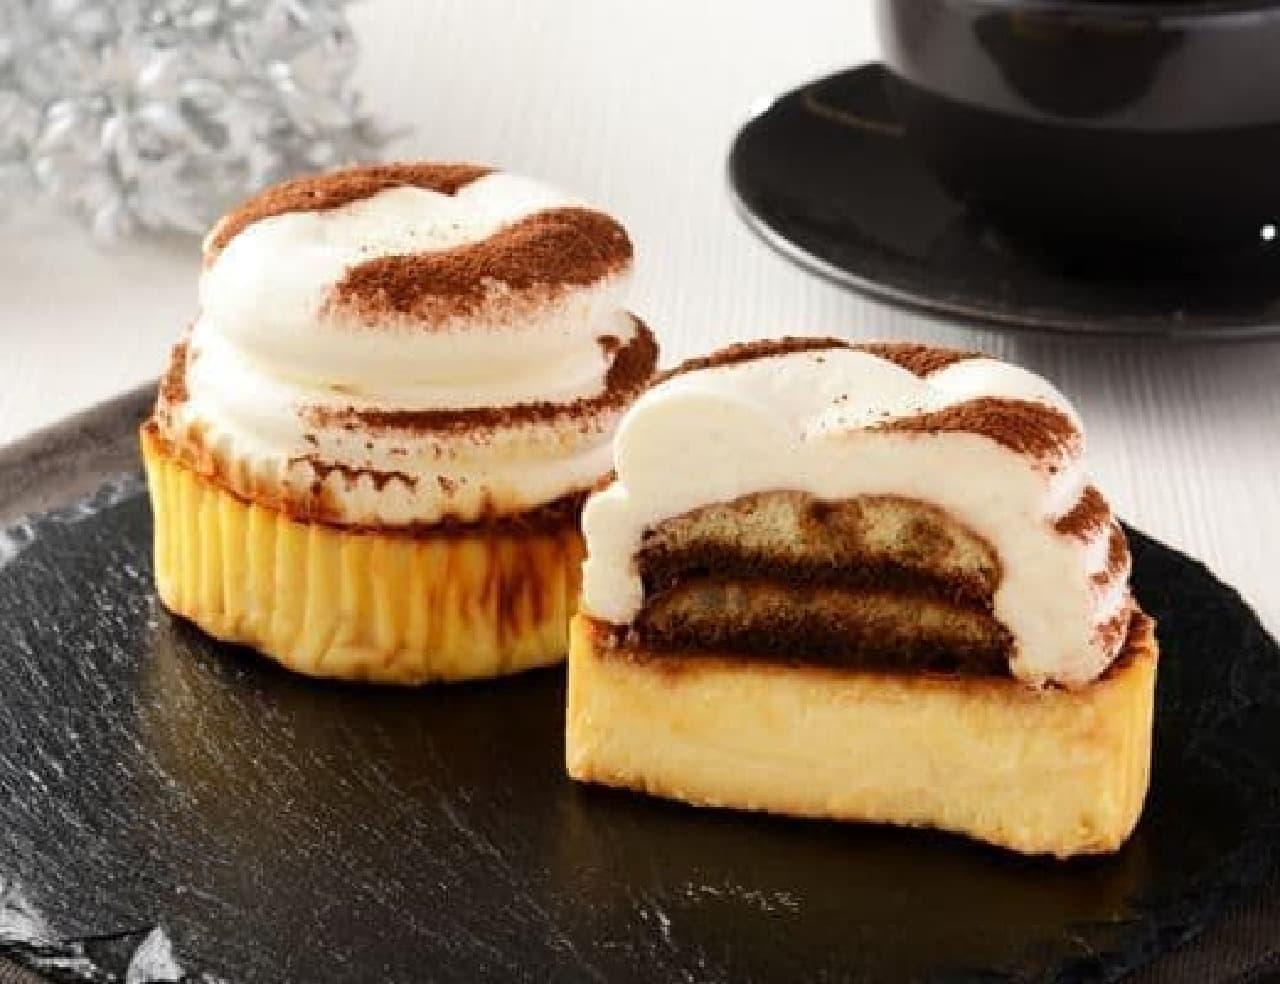 ローソン「ティラミスバスチー -バスク風チーズケーキ-」